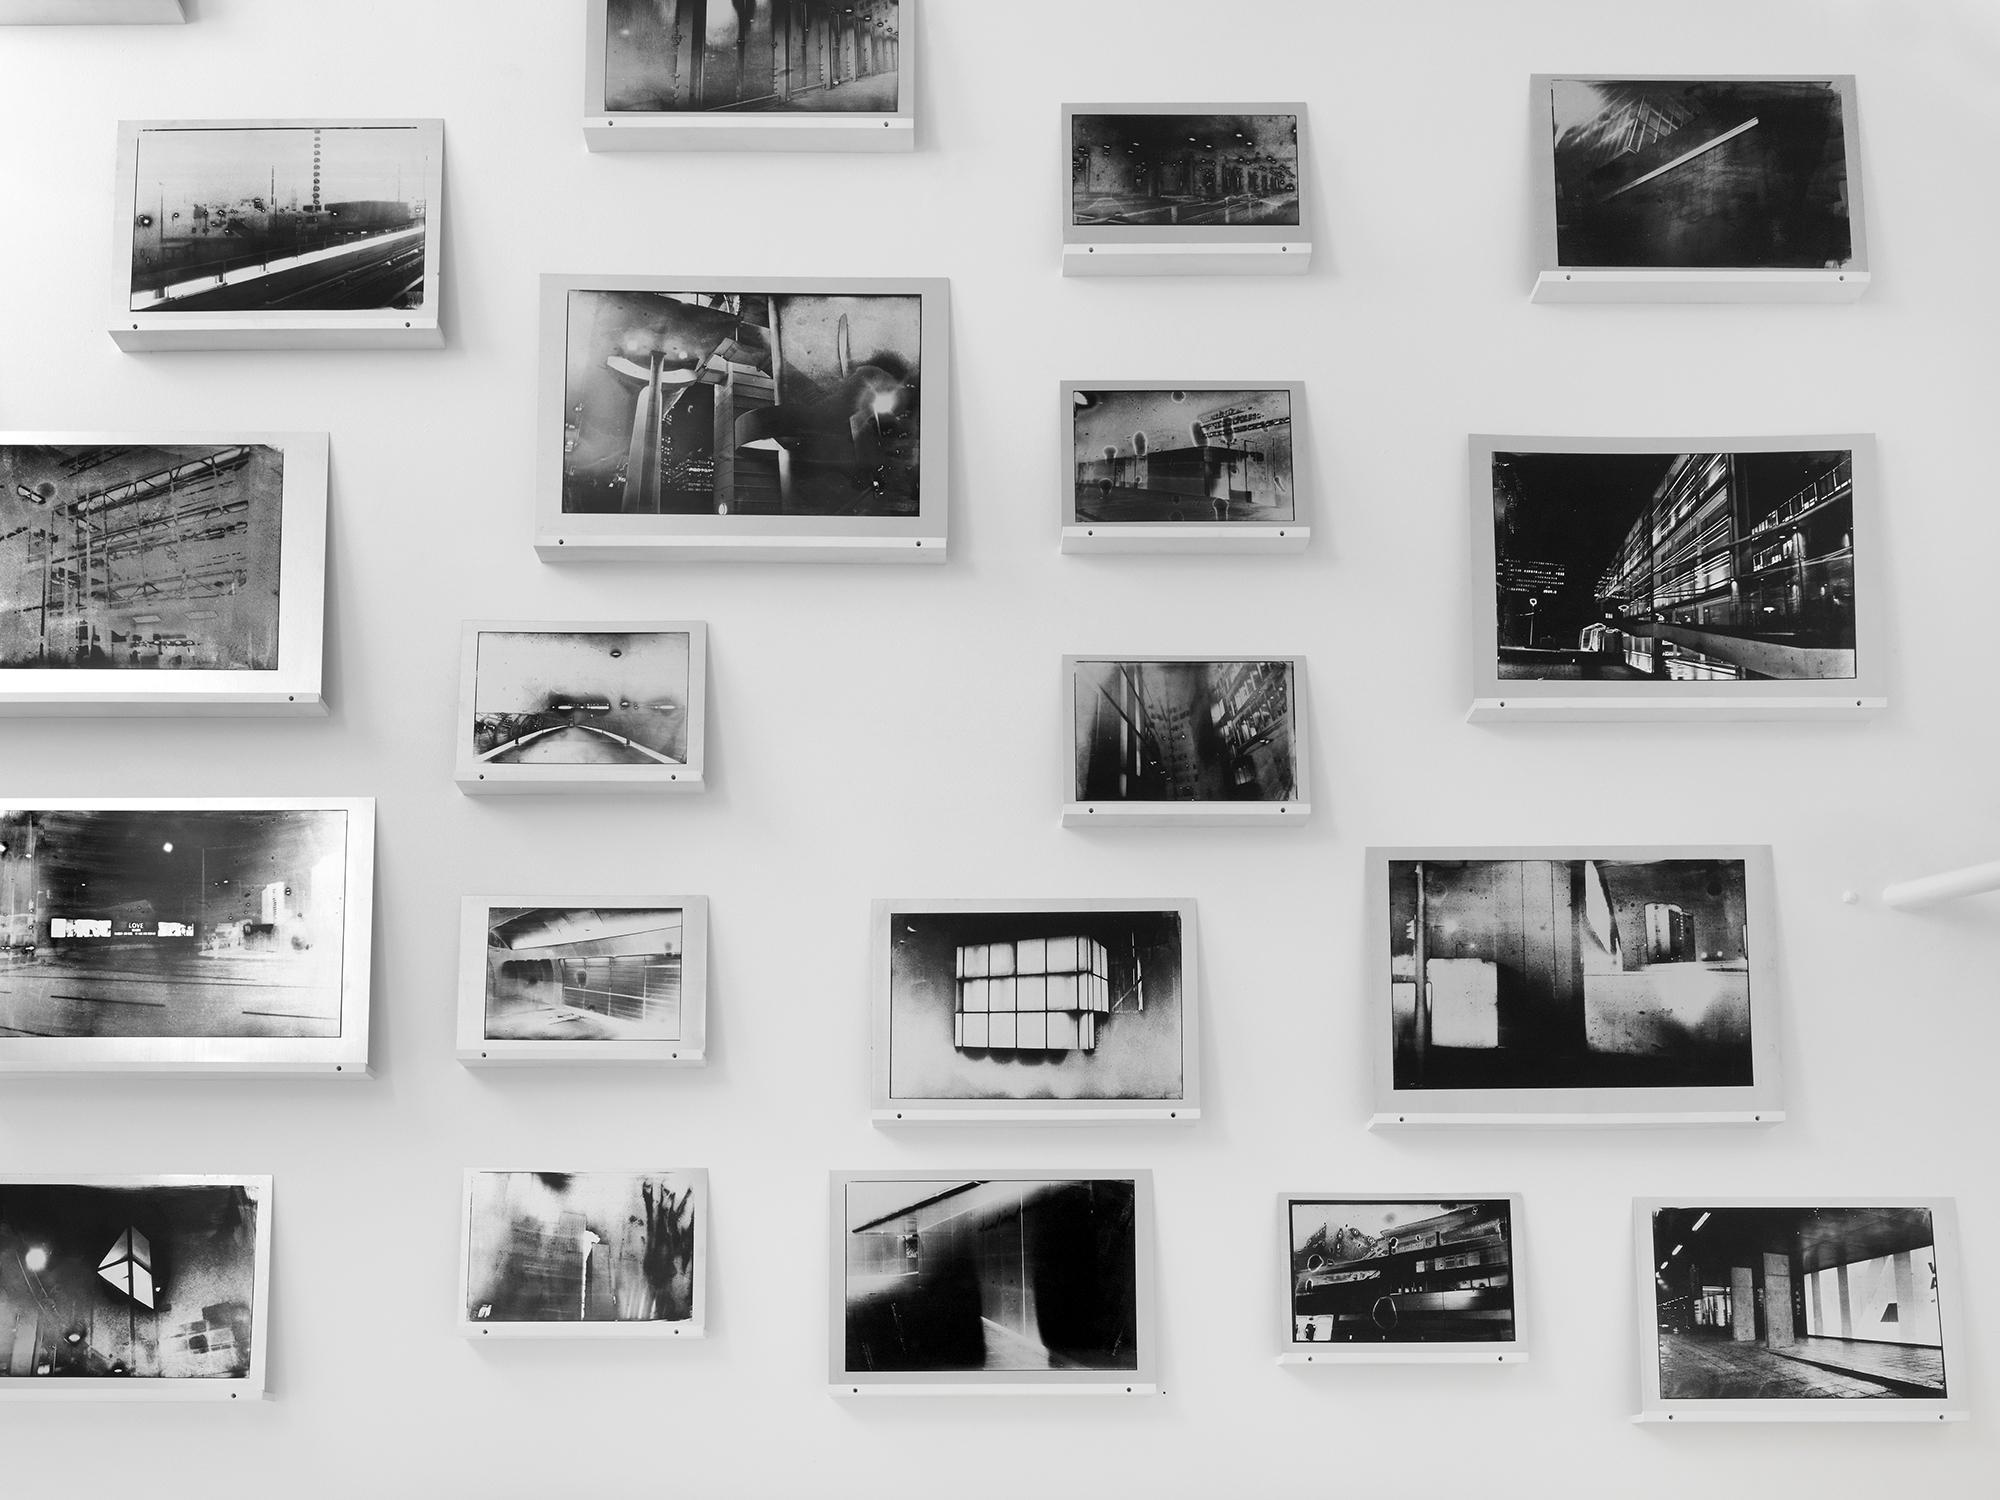 Antony Cairns, LDN, installation at Roman Road 2014 ©Ollie Hammick